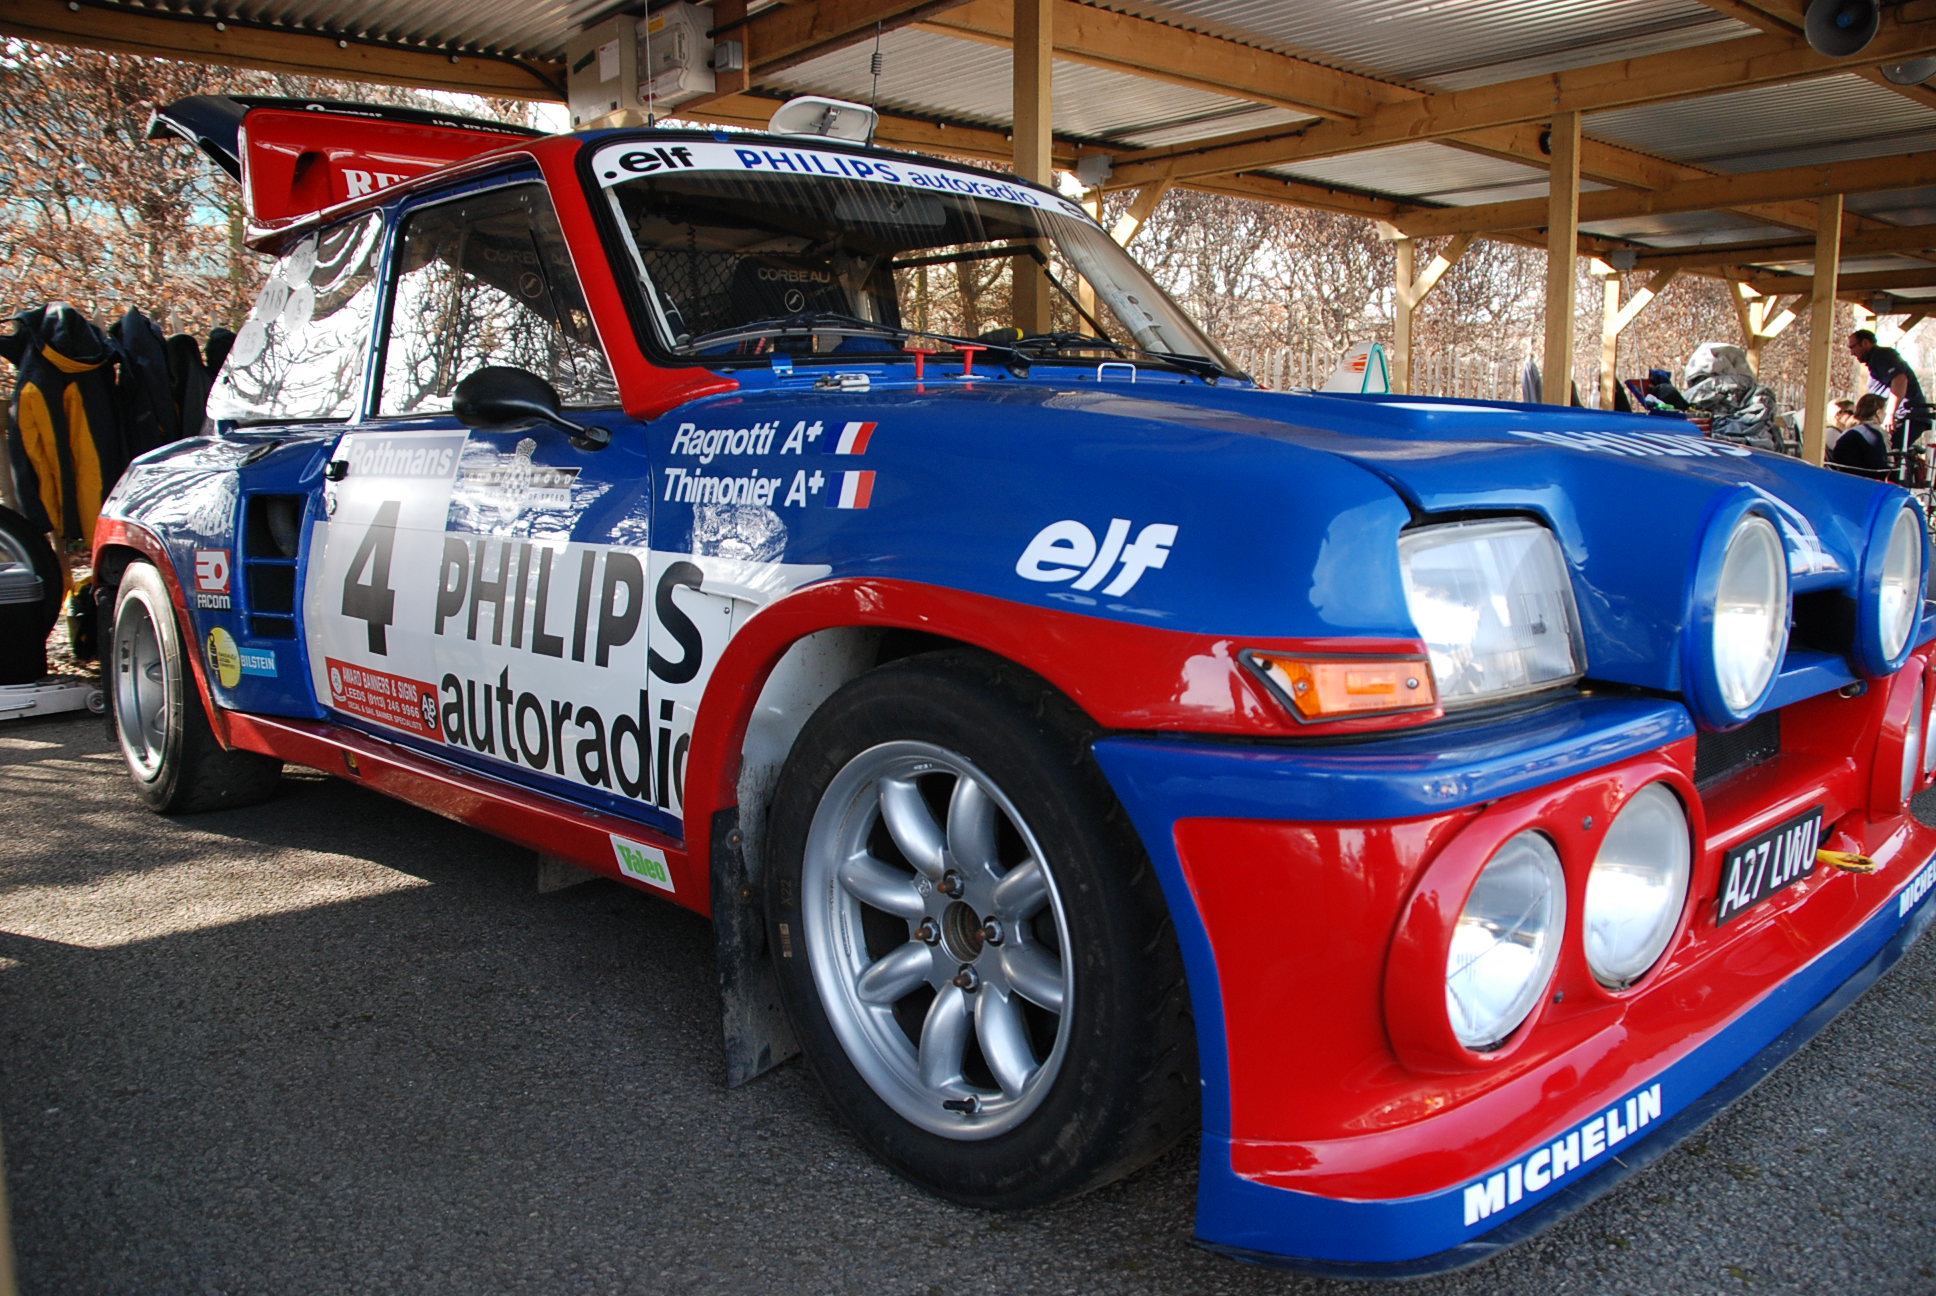 Group B Rally cars Paddock42.2   Paddock 42